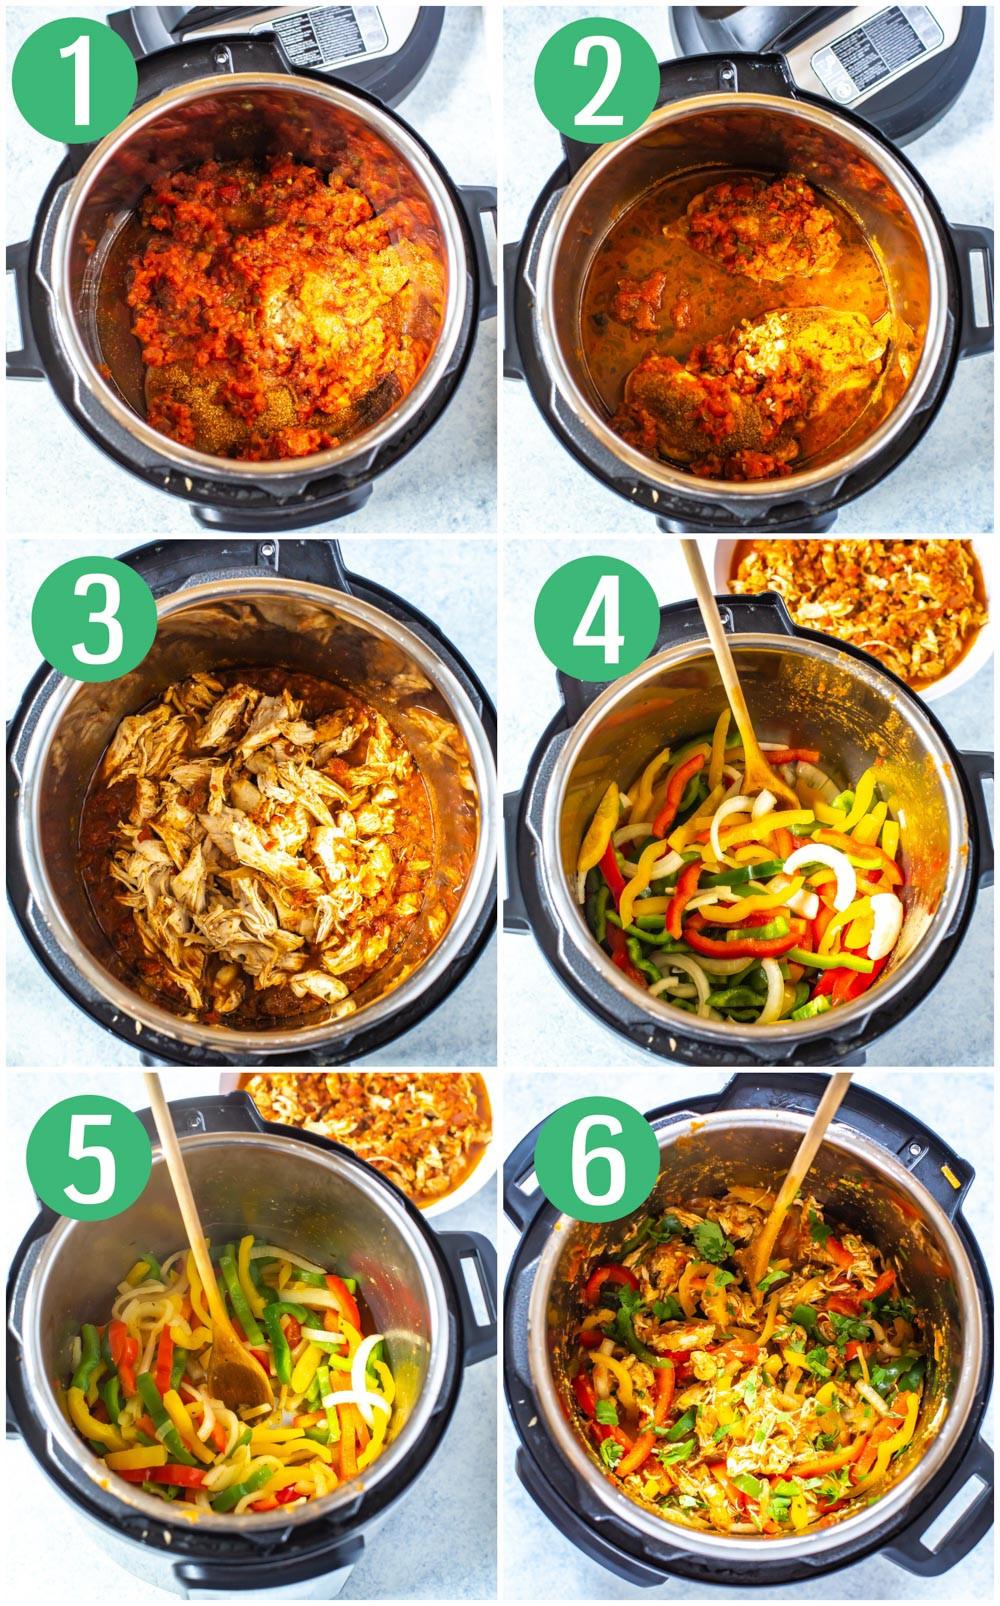 Chicken Fajitas Instant Pot  The Best Instant Pot Chicken Fajitas Eating Instantly